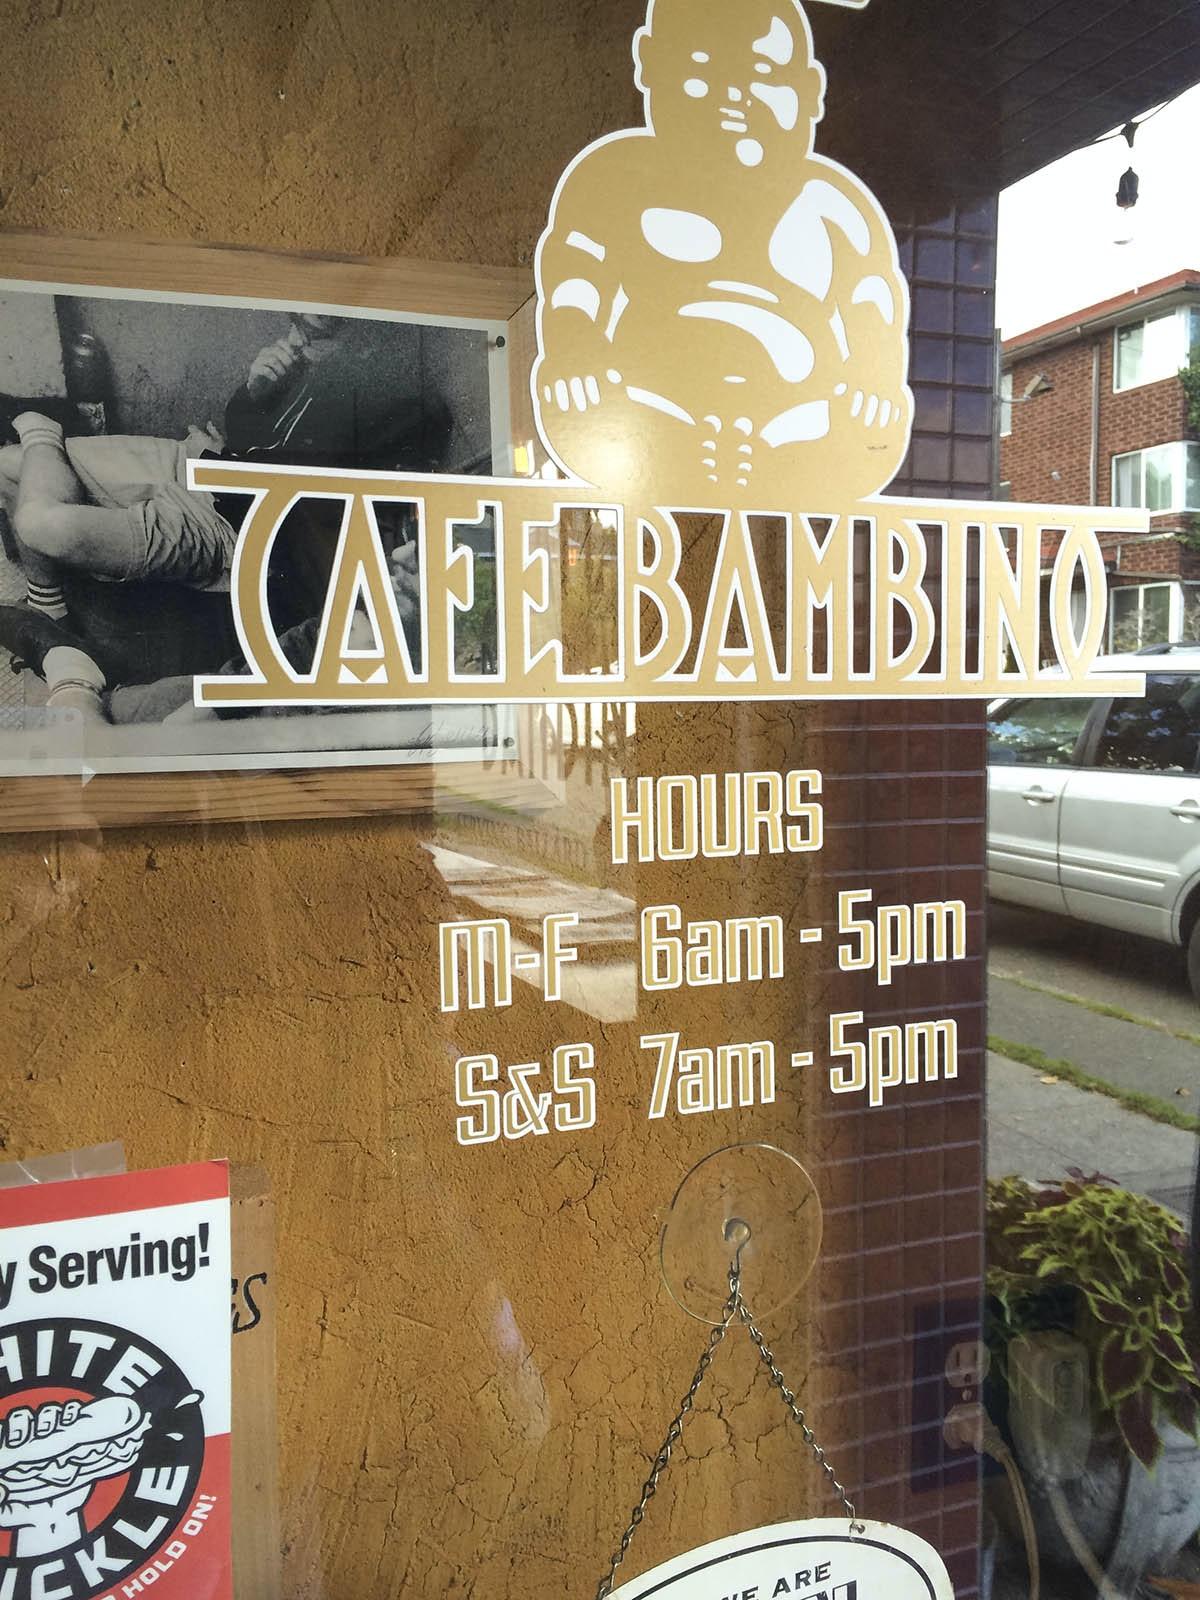 Cafe Bambino